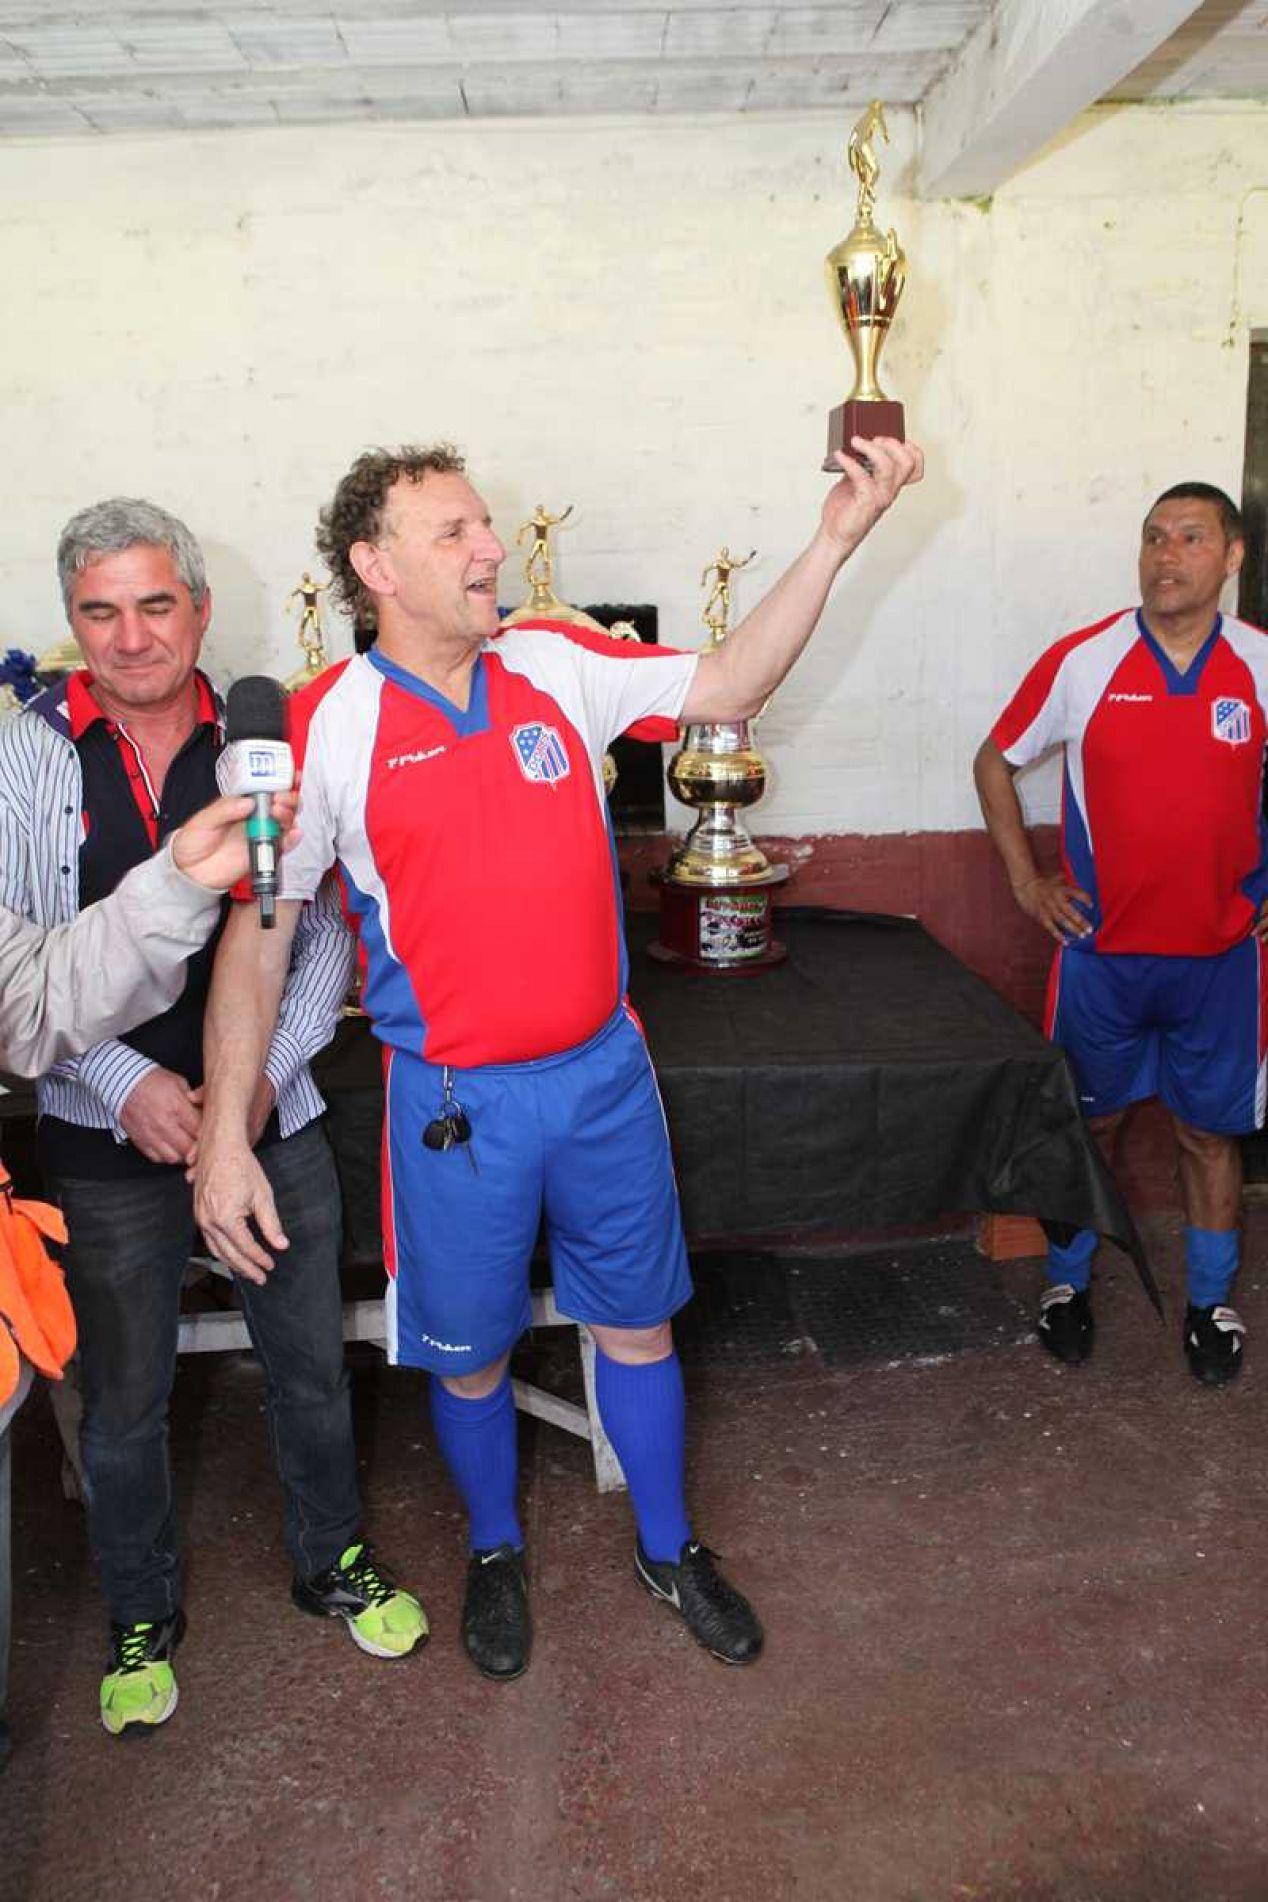 Pelego, goleador da competição, exibe o troféu de campeão.